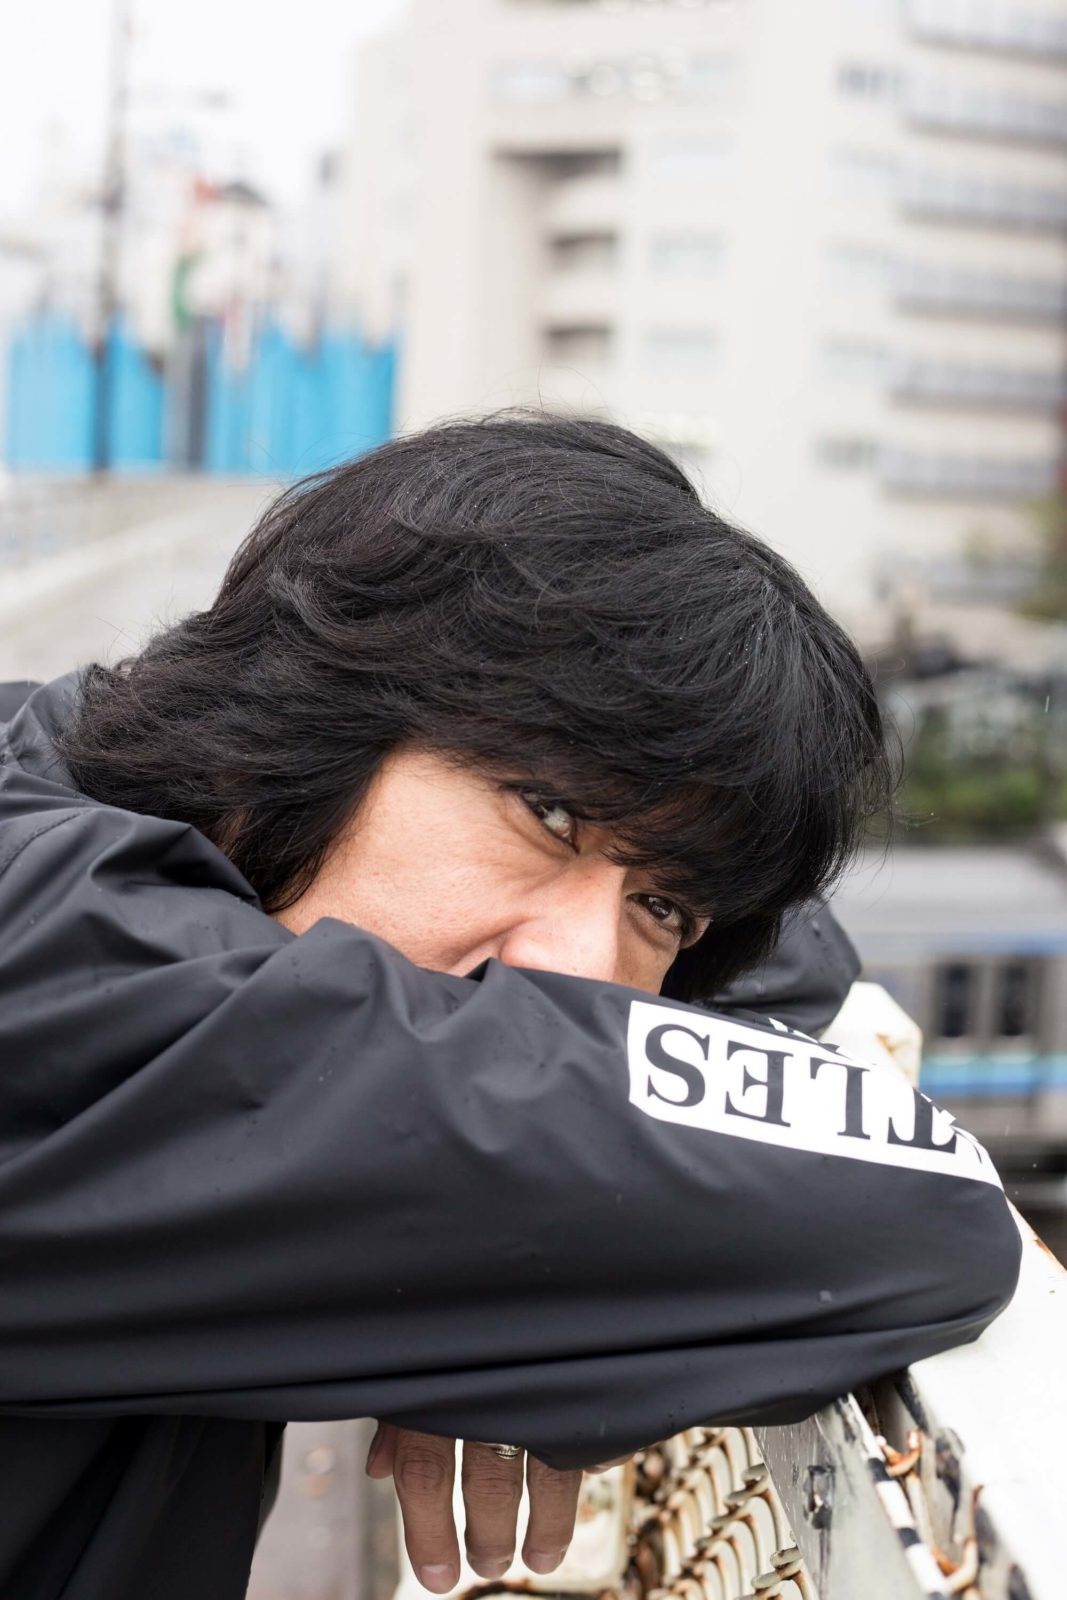 古市コータロー、約4年半ぶりとなるソロアルバム「東京」リリース&ソロツアーも決定サムネイル画像